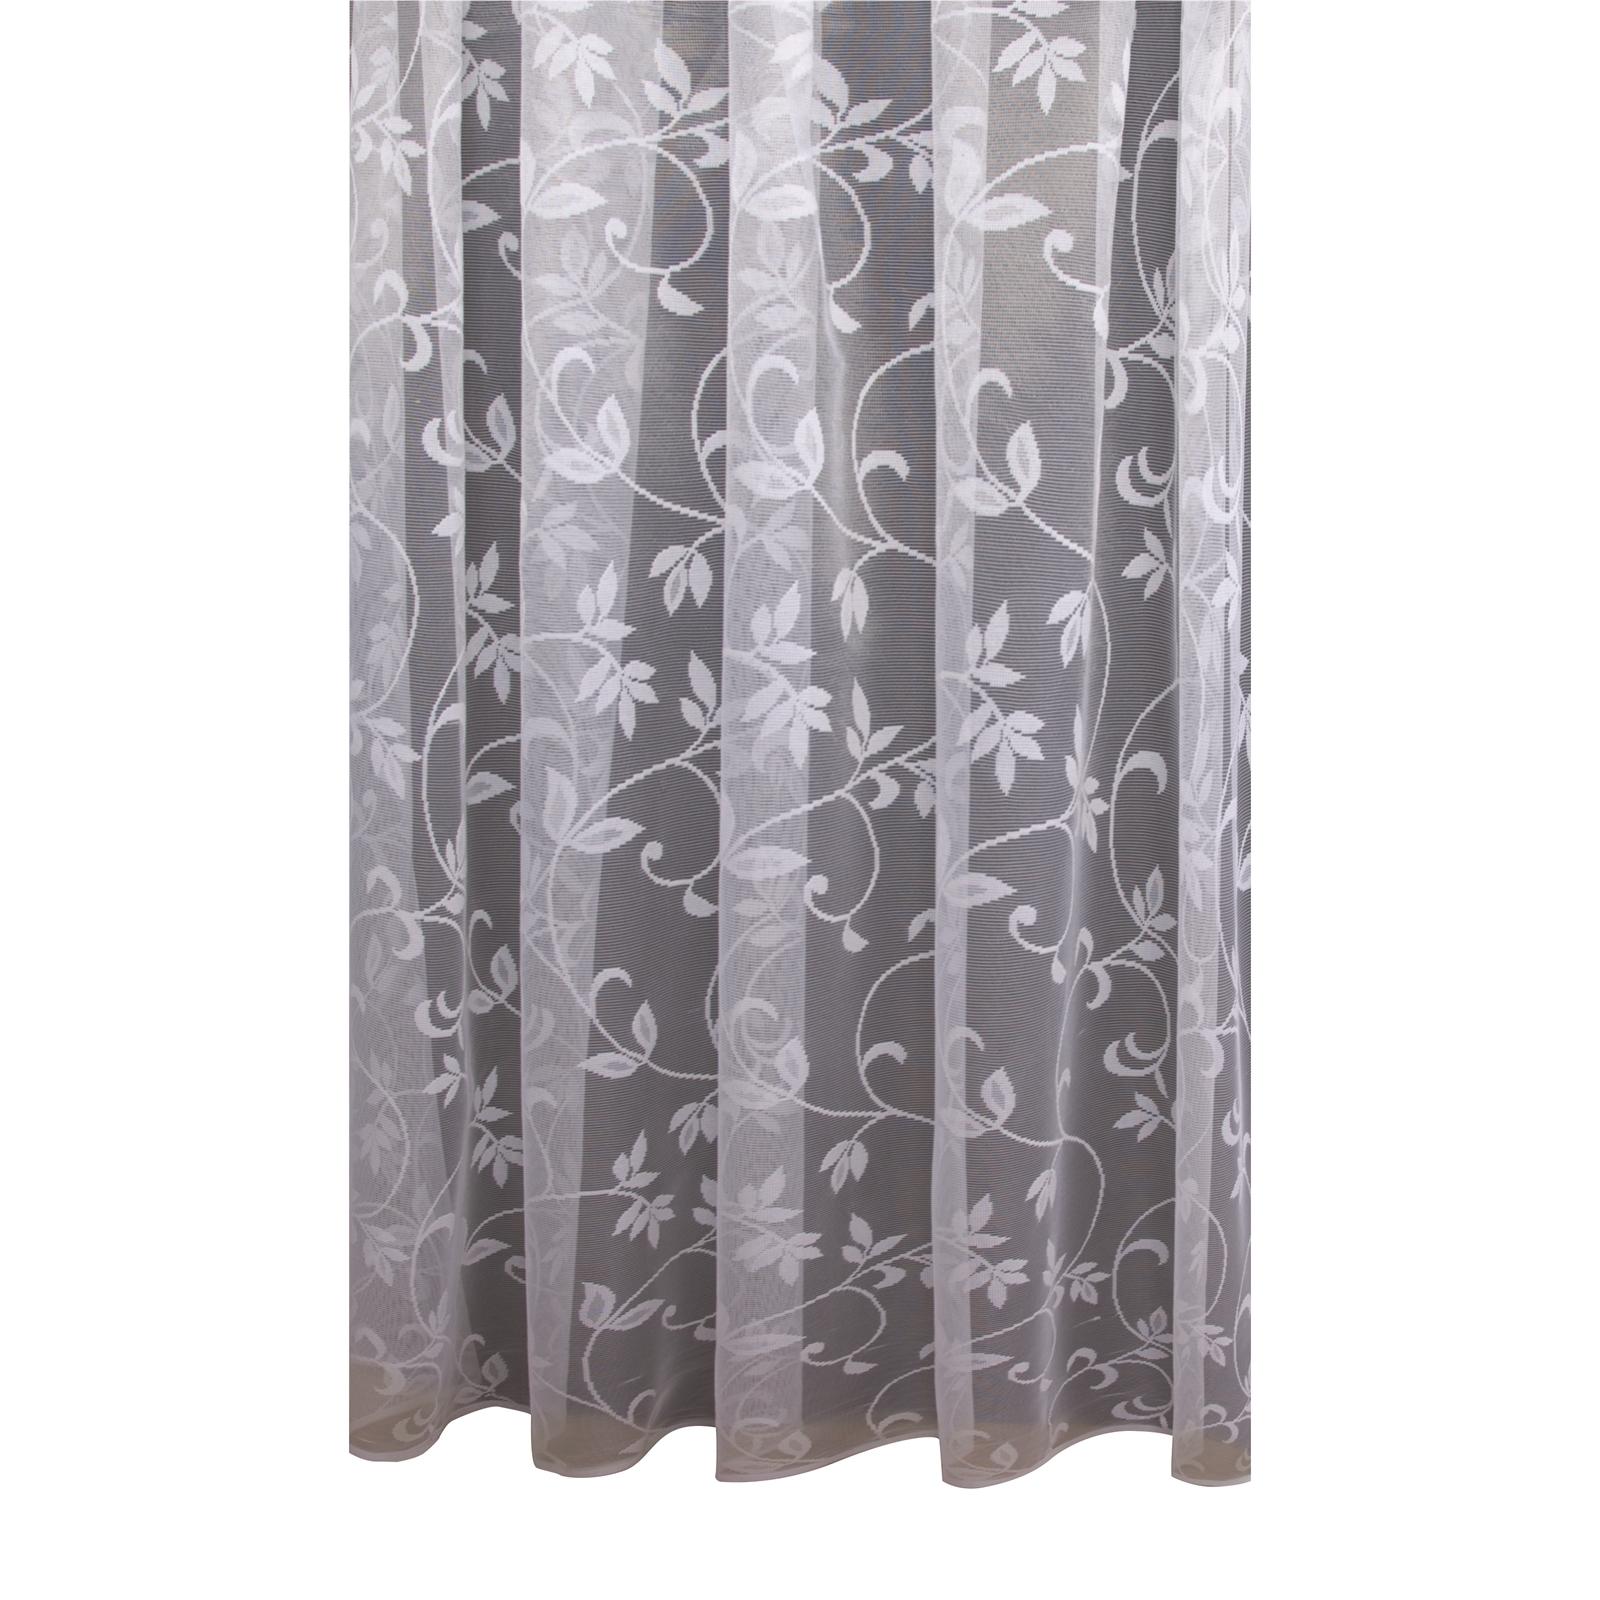 Homebase 1.5 x 1.6m Camille Sheer Curtain